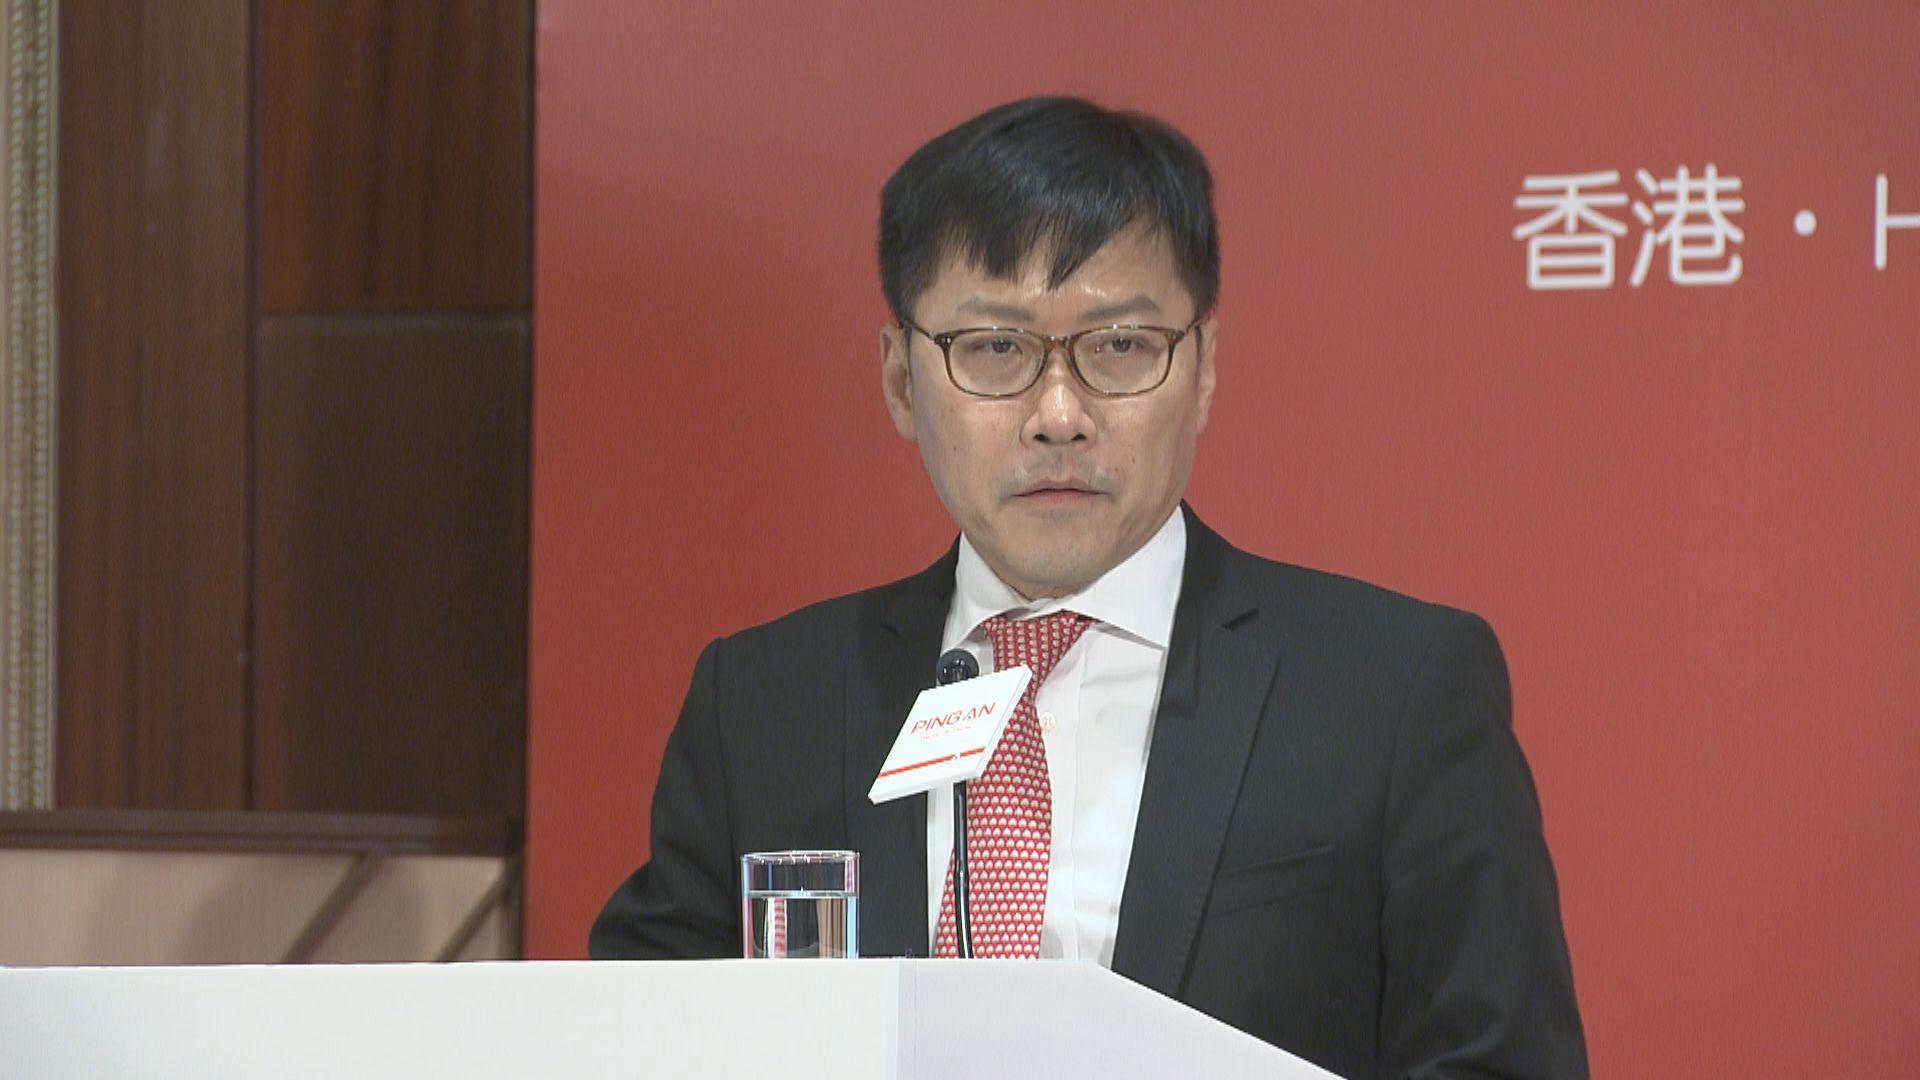 【睇好換馬】大行看好李源祥掌舵友邦 帶動中國業務